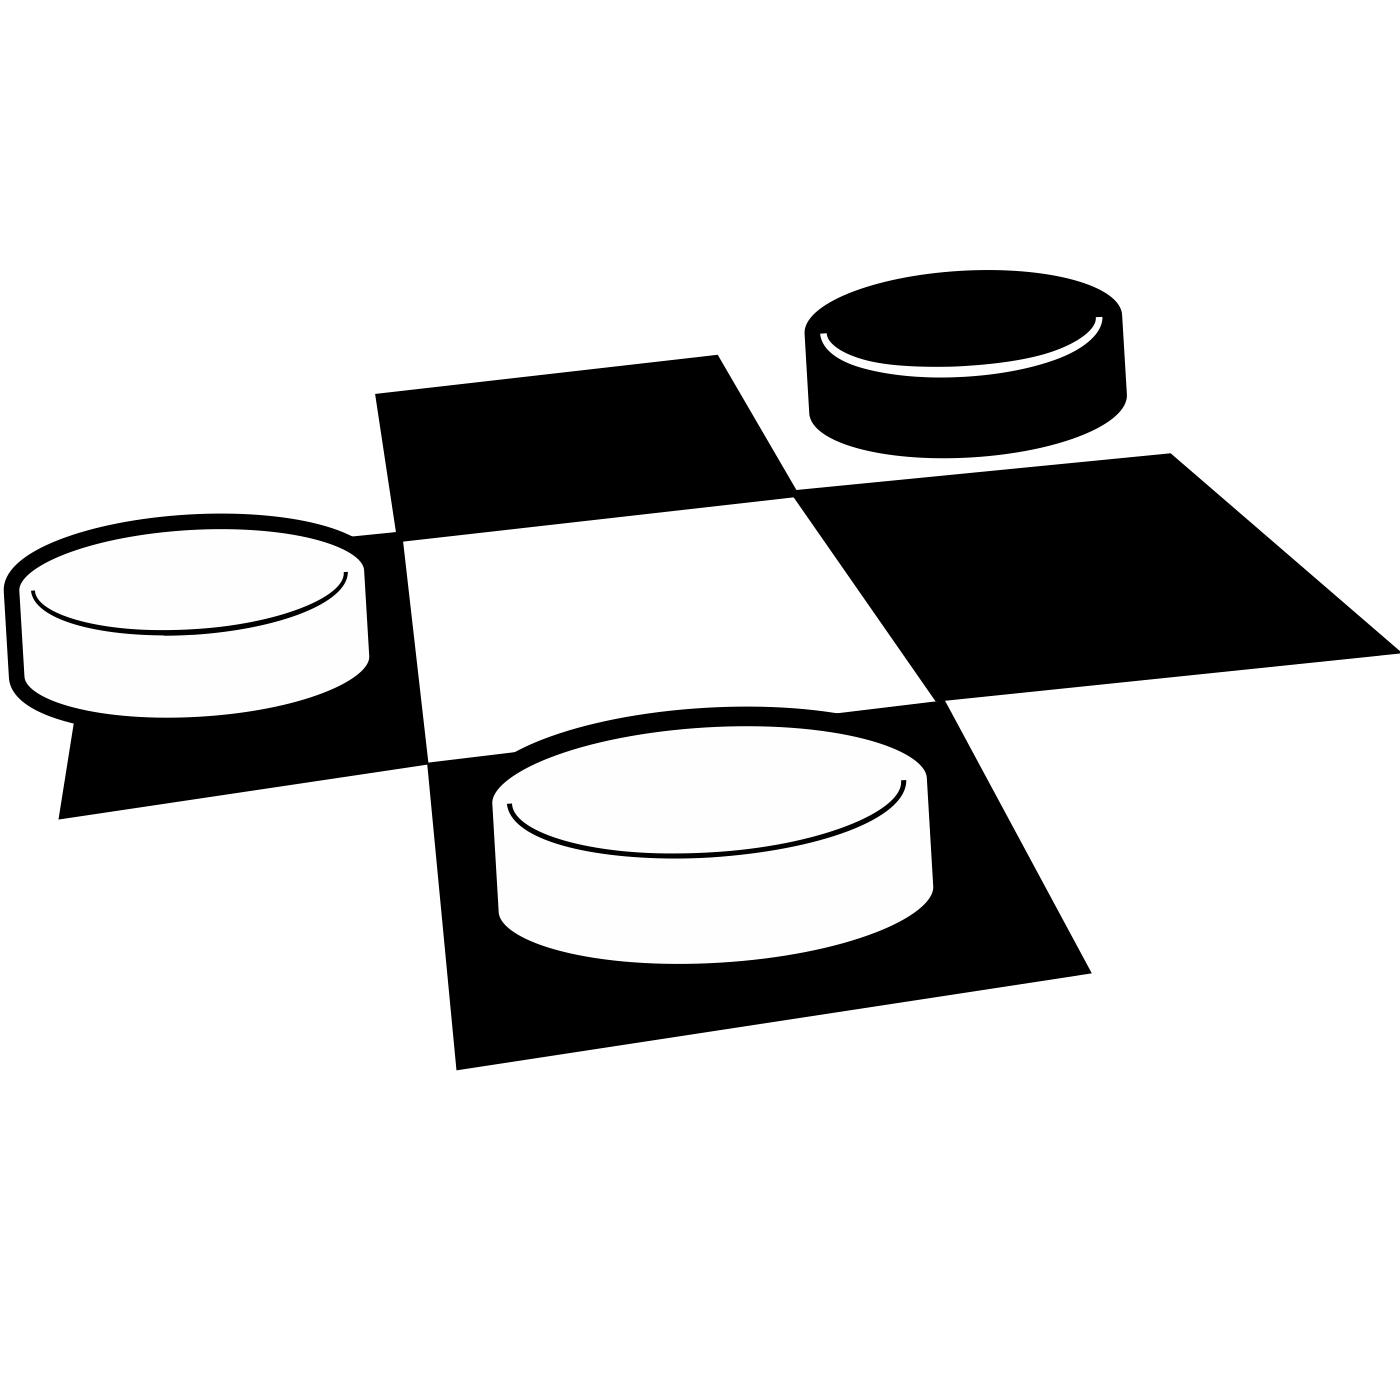 jeux de règles joujouthèque